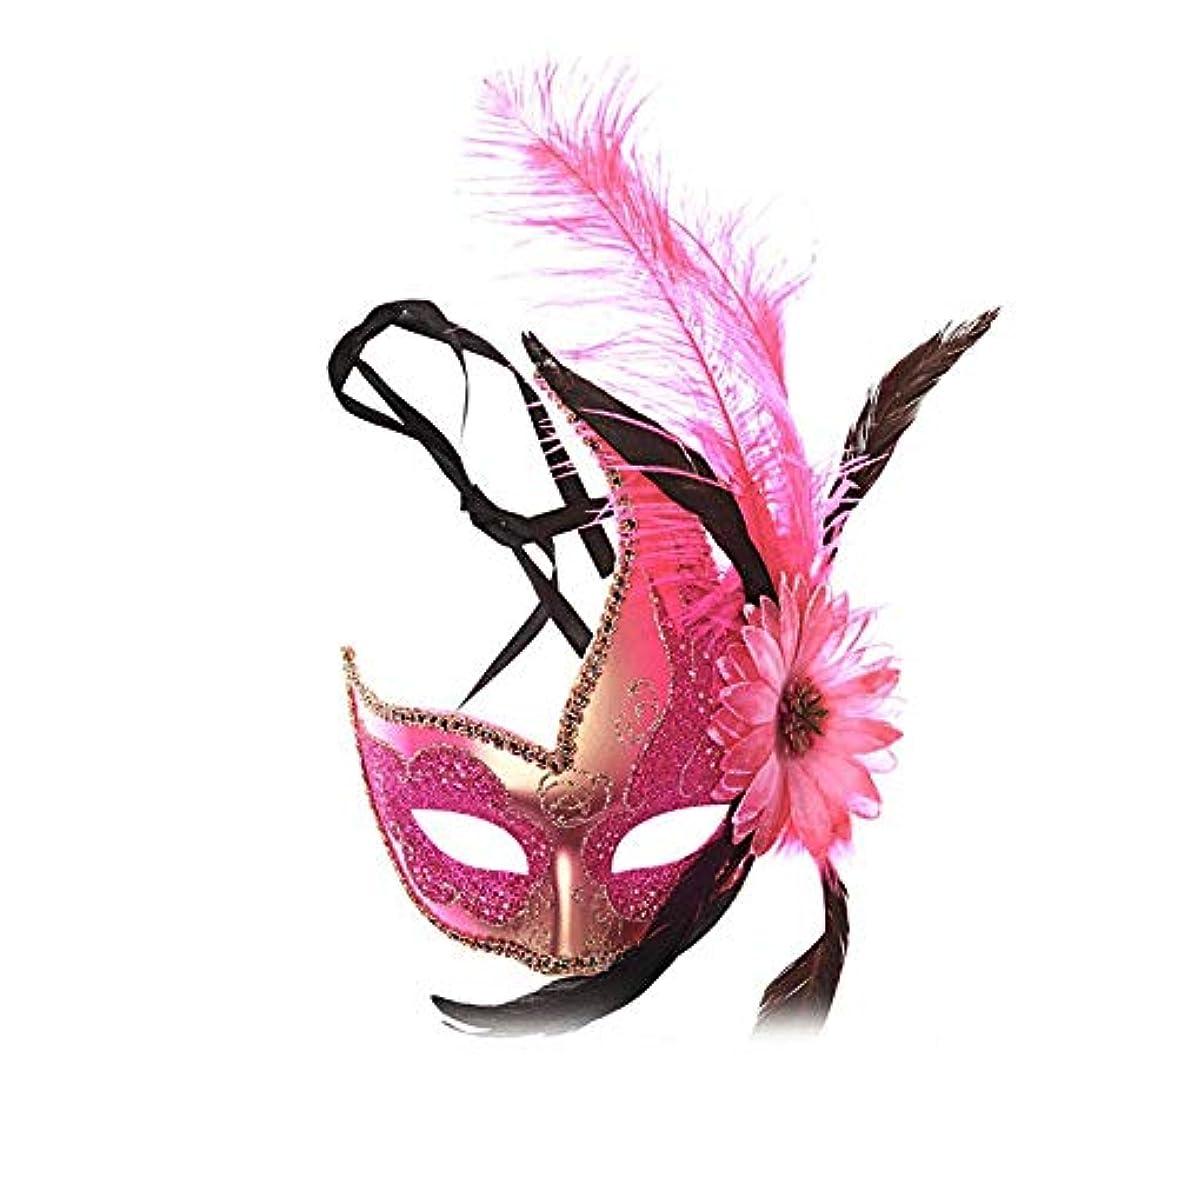 労苦マリナー定期的にNanle ハロウィンマスクハーフフェザーマスクベニスプリンセスマスク美容レース仮面ライダーコスプレ (色 : Style B rose red)